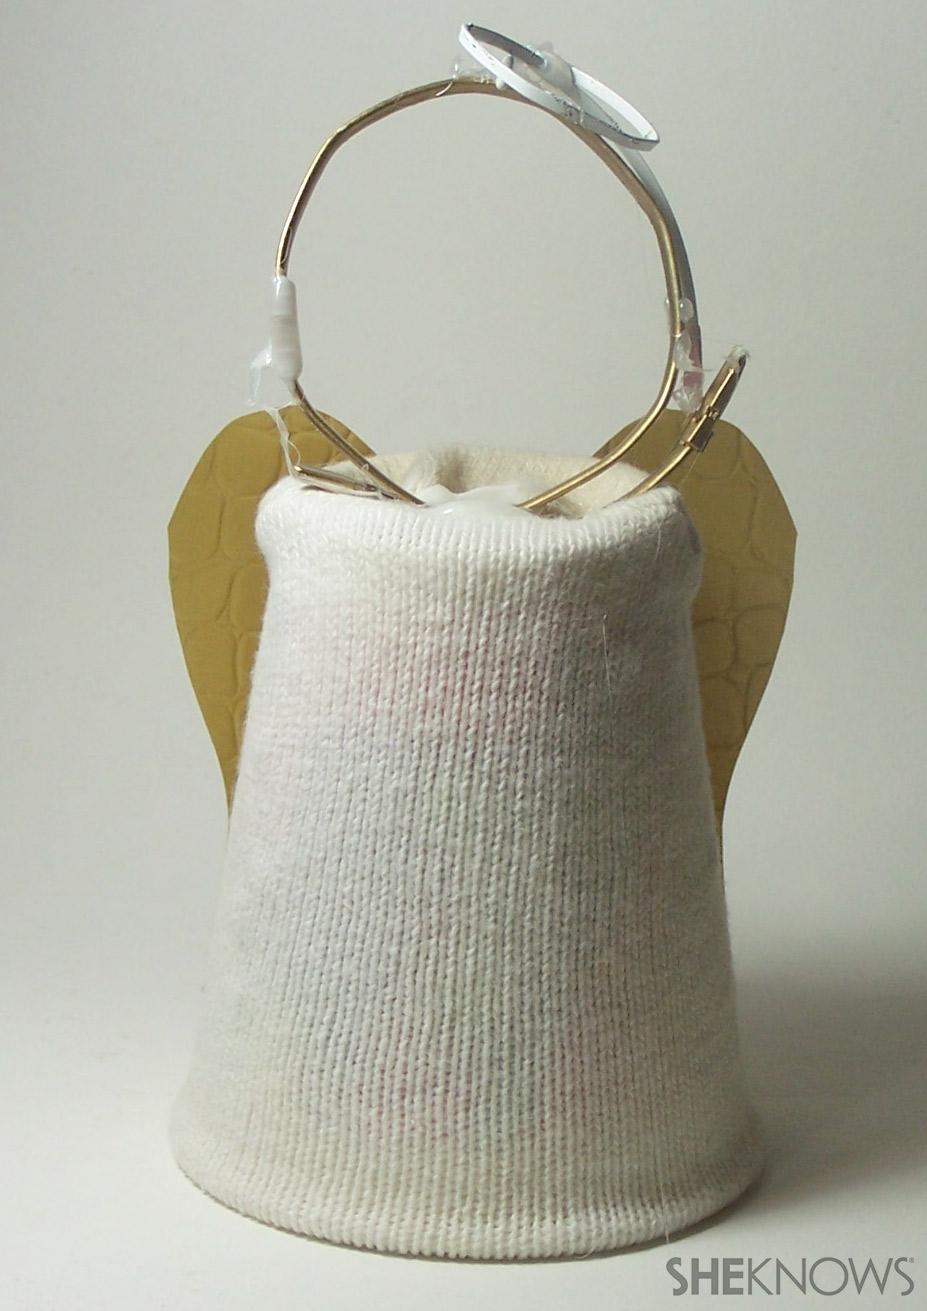 Underwire crafts | Sheknows.ca